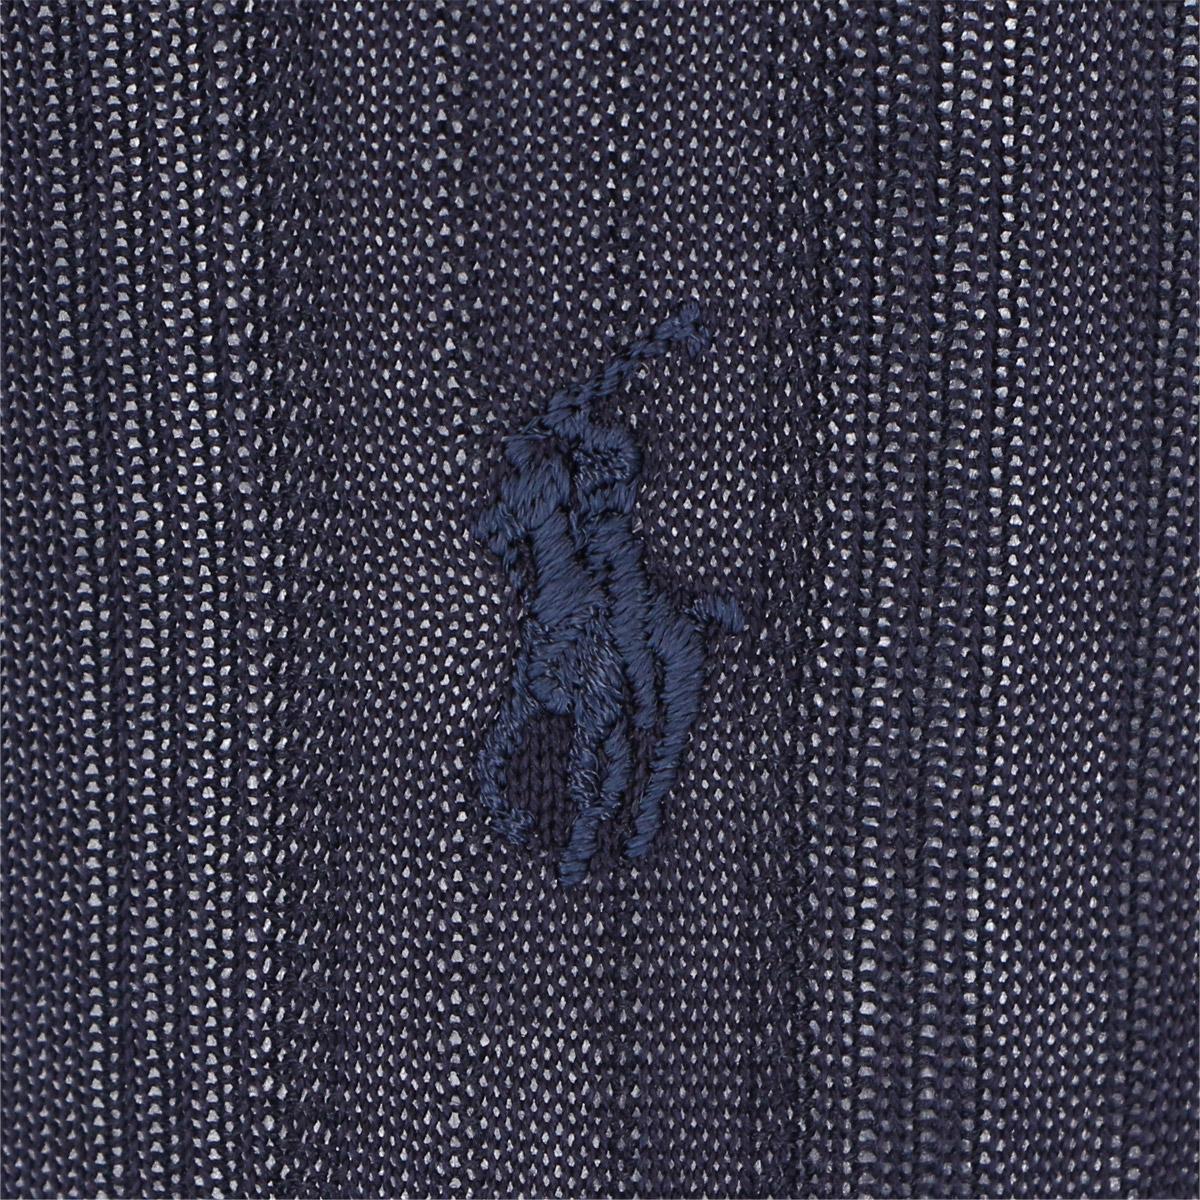 POLO RALPH LAUREN ポロ ラルフローレン|メンズ ビジネス クルー ソックス|綿混 抗菌防臭 ワンポイント刺繍 センターリンクス柄|エジプト綿使用|2042-140 【ゆうパケット・4点まで】